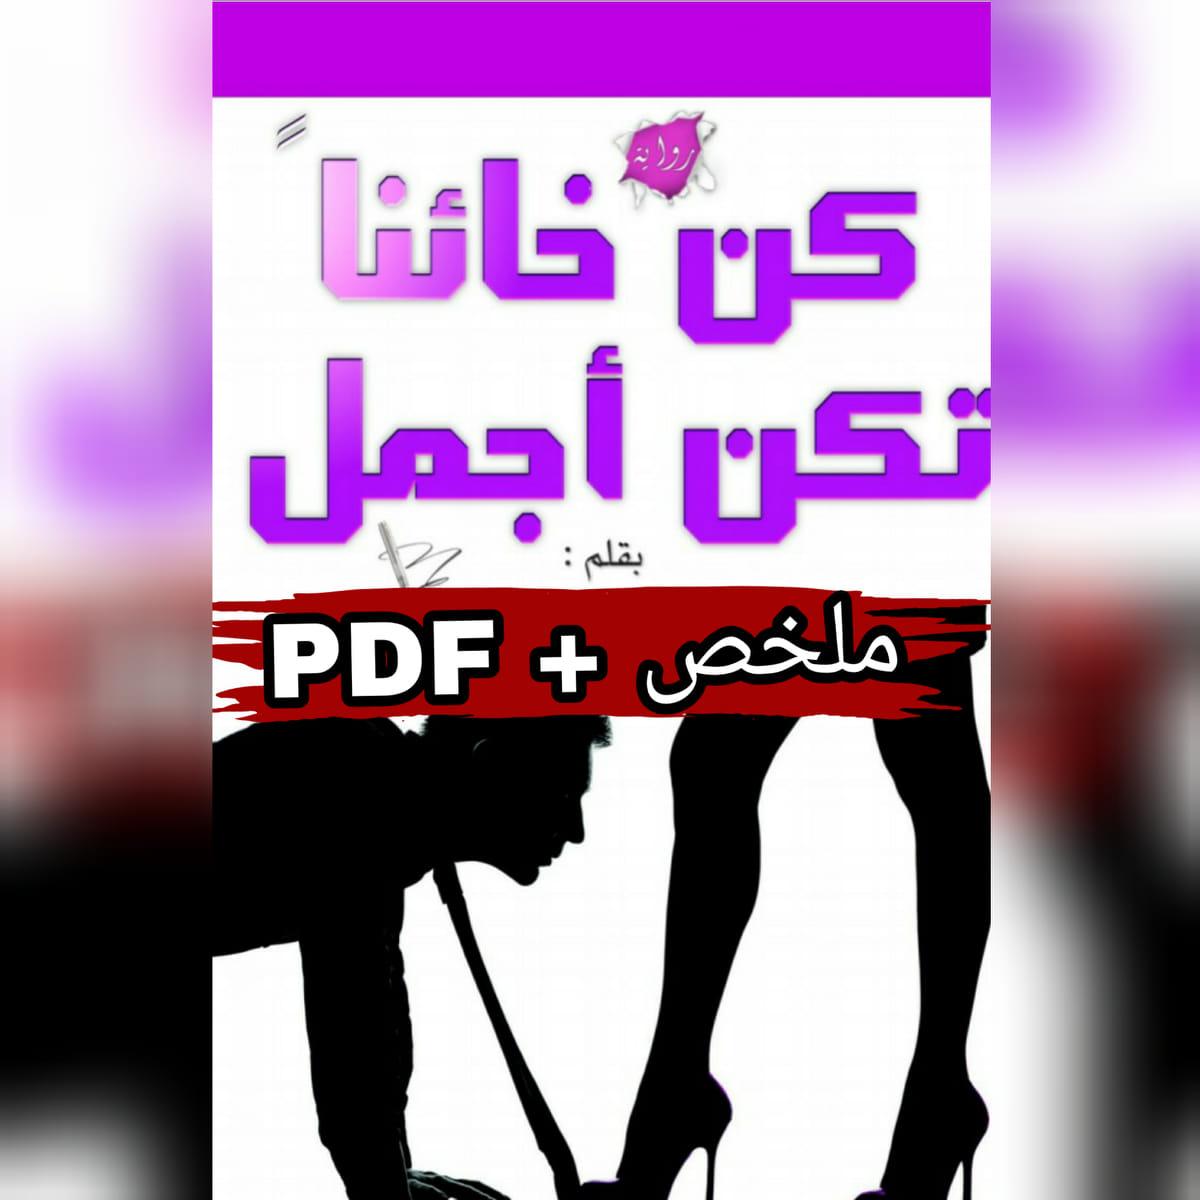 ملخص + PDF رواية : كن خائنا تكن أجمل | عبد الرحمن مروان حمدان